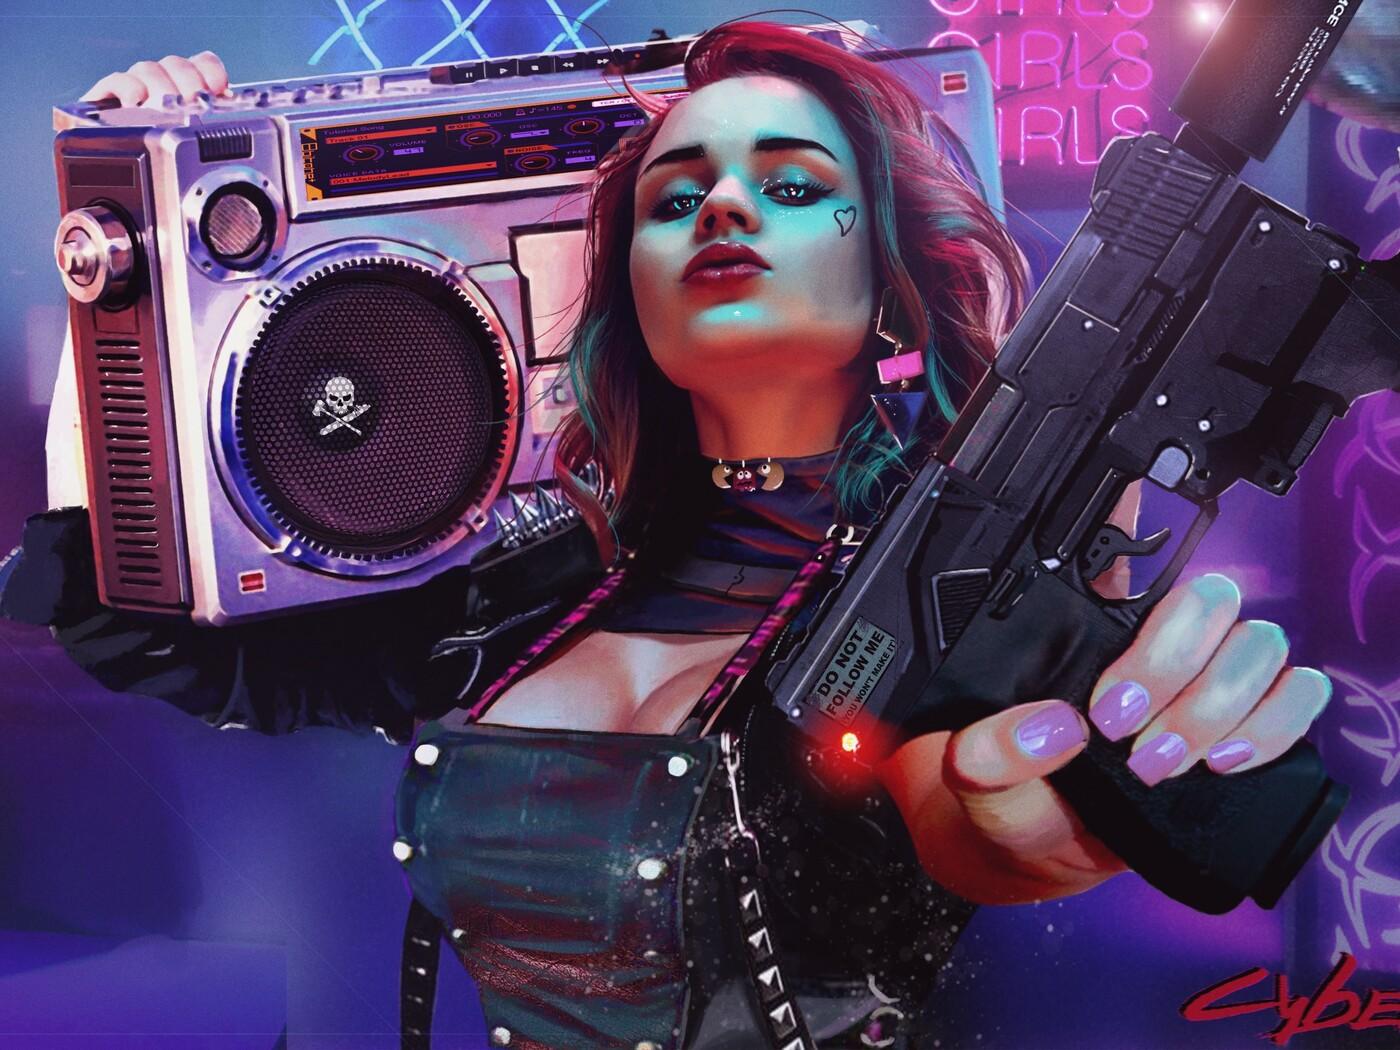 cyberpunk-girl-artwork-4k-tj.jpg